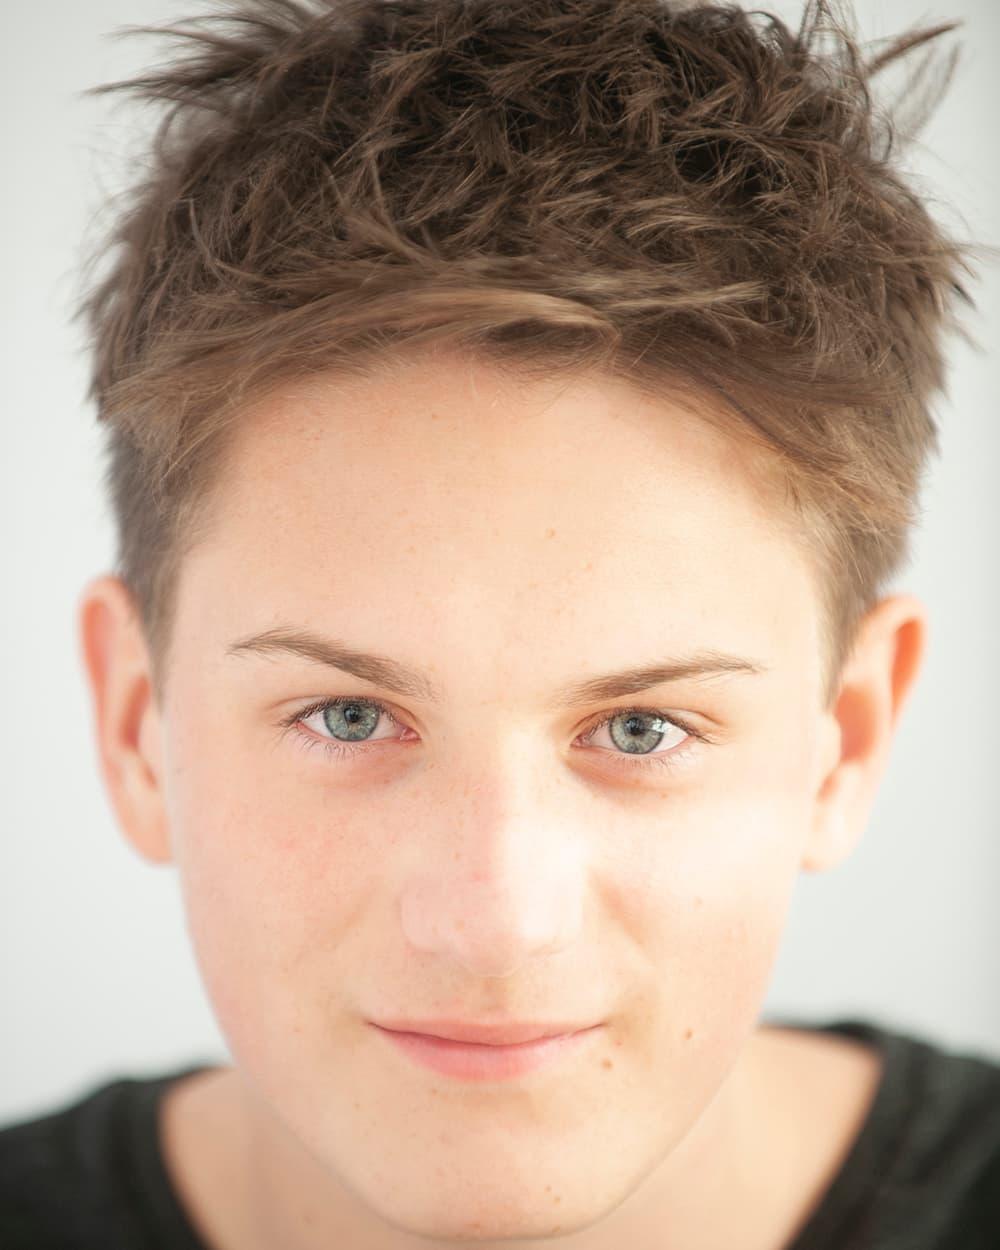 Luca Gilbert-Cresswell